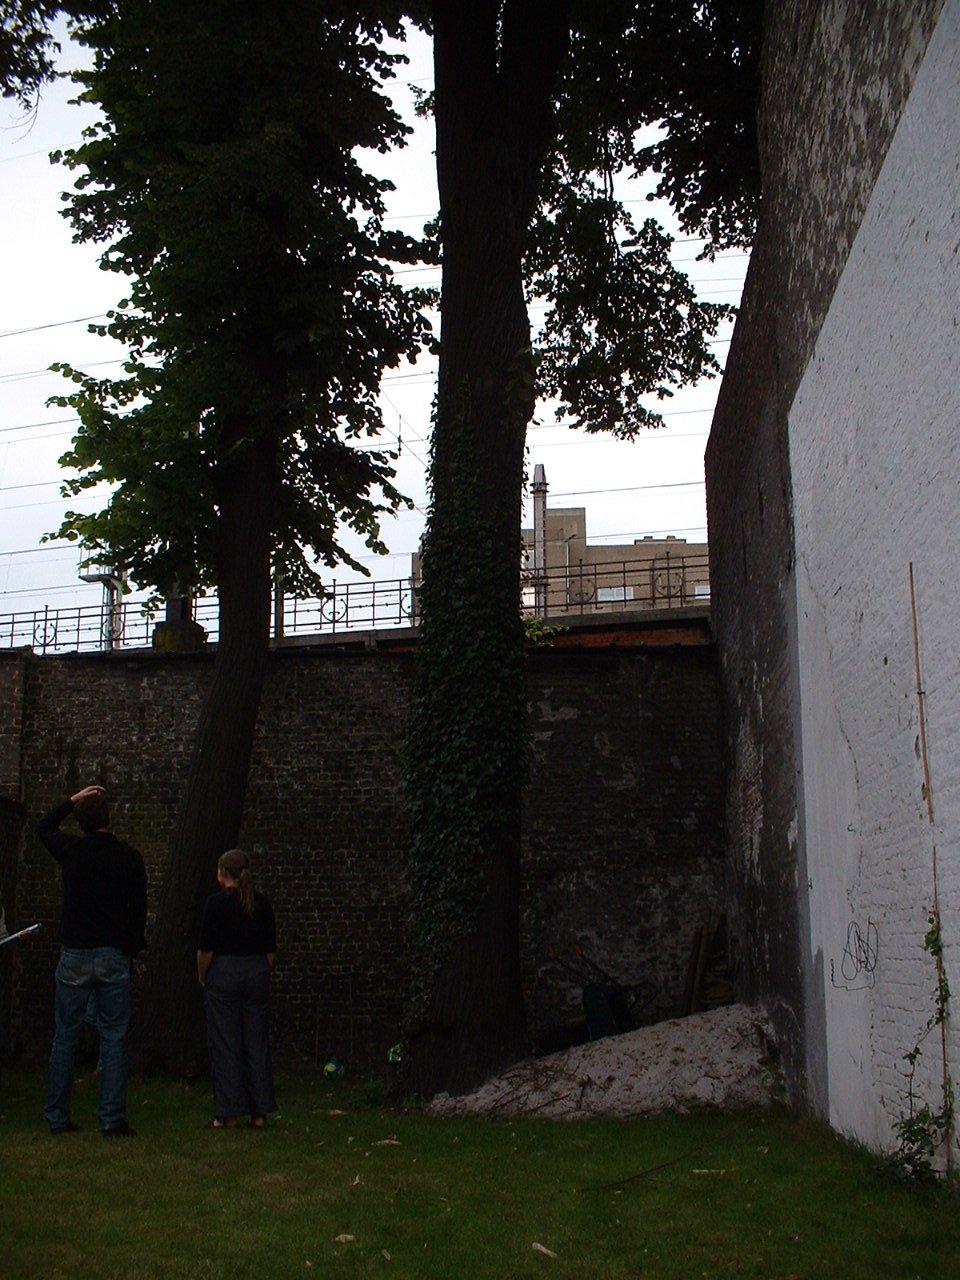 Tilleul commun – Bruxelles, Avenue de Stalingrad, 78 –  02 Juillet 2002